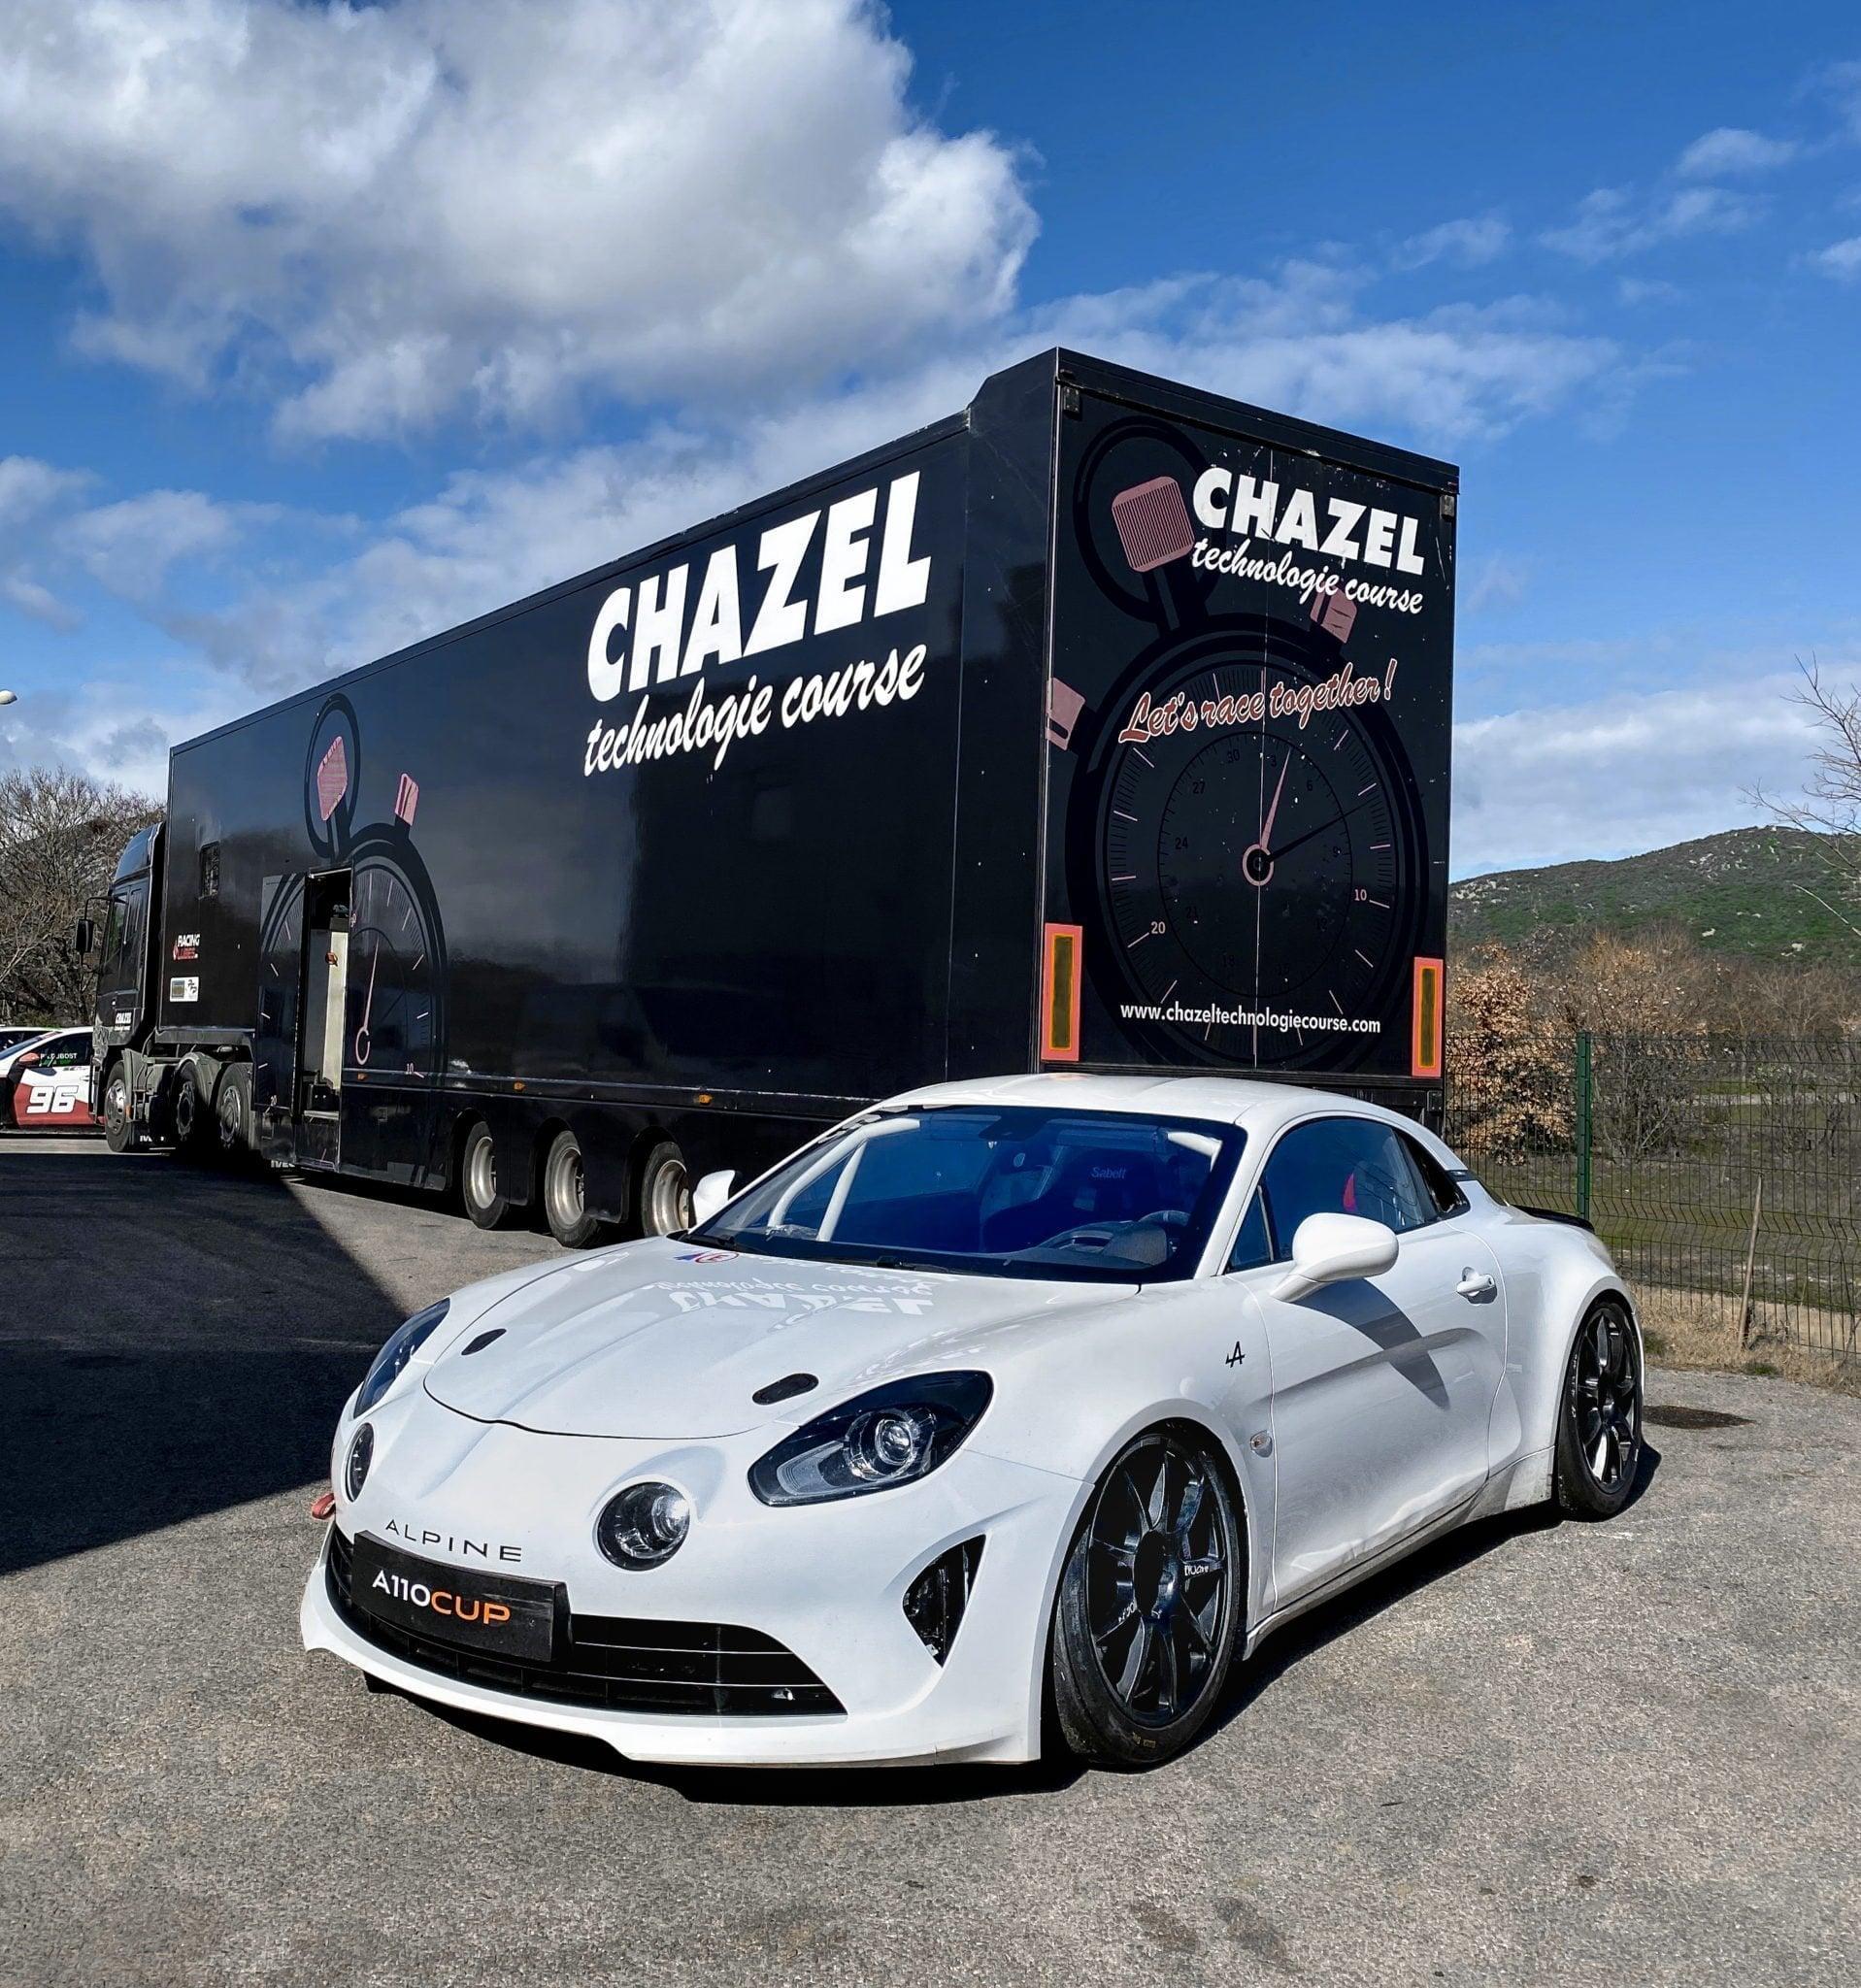 Rencontre avec Louis Chazel et l'arrivée de l'Alpine A110 au cœur du team Chazel 1